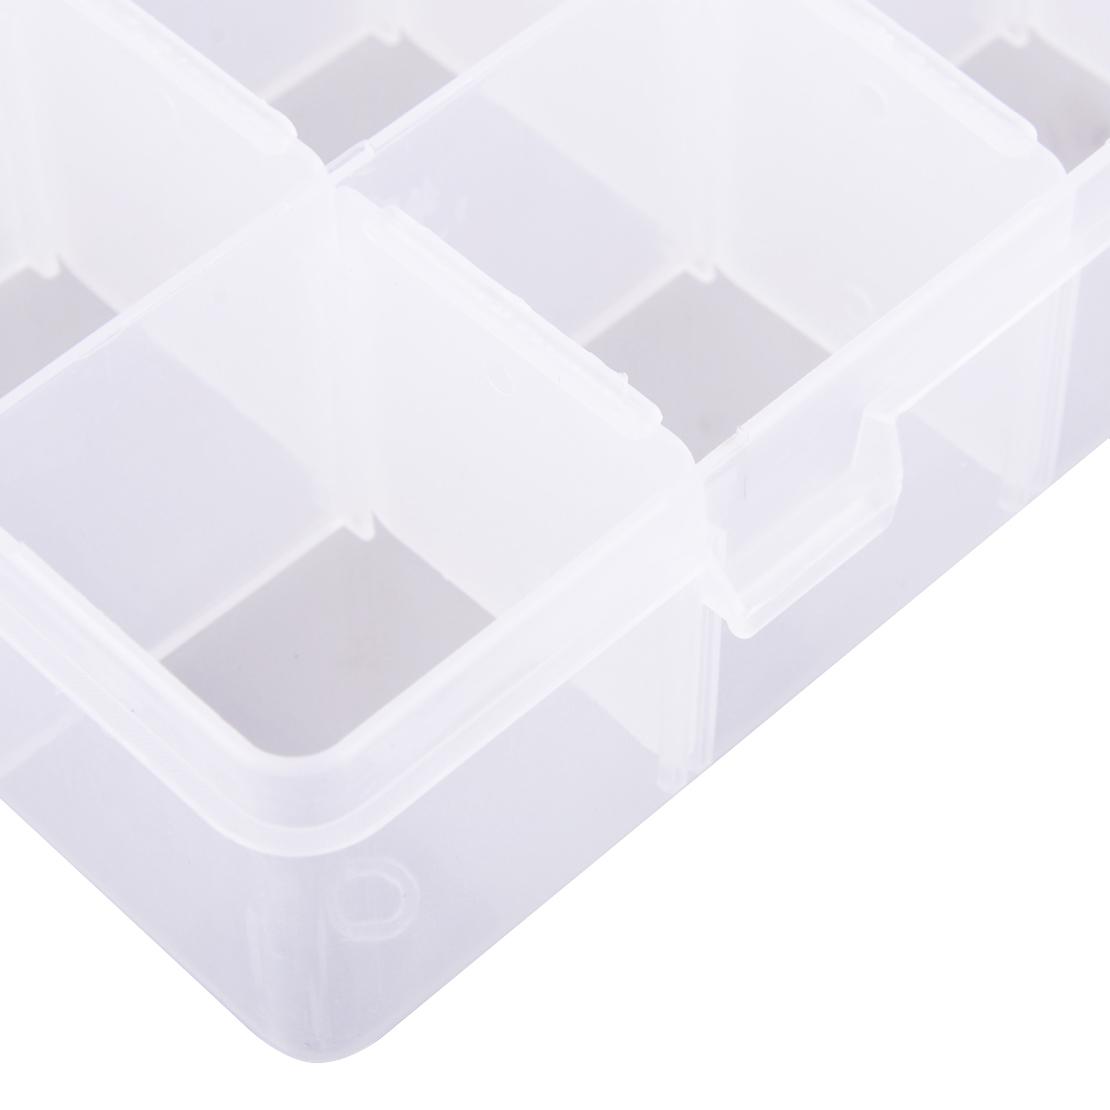 Zubehör Angeln Köder Box Zubehör Angelkoffer Deluxe 18* Sortimentskiste Tackle Lure Case